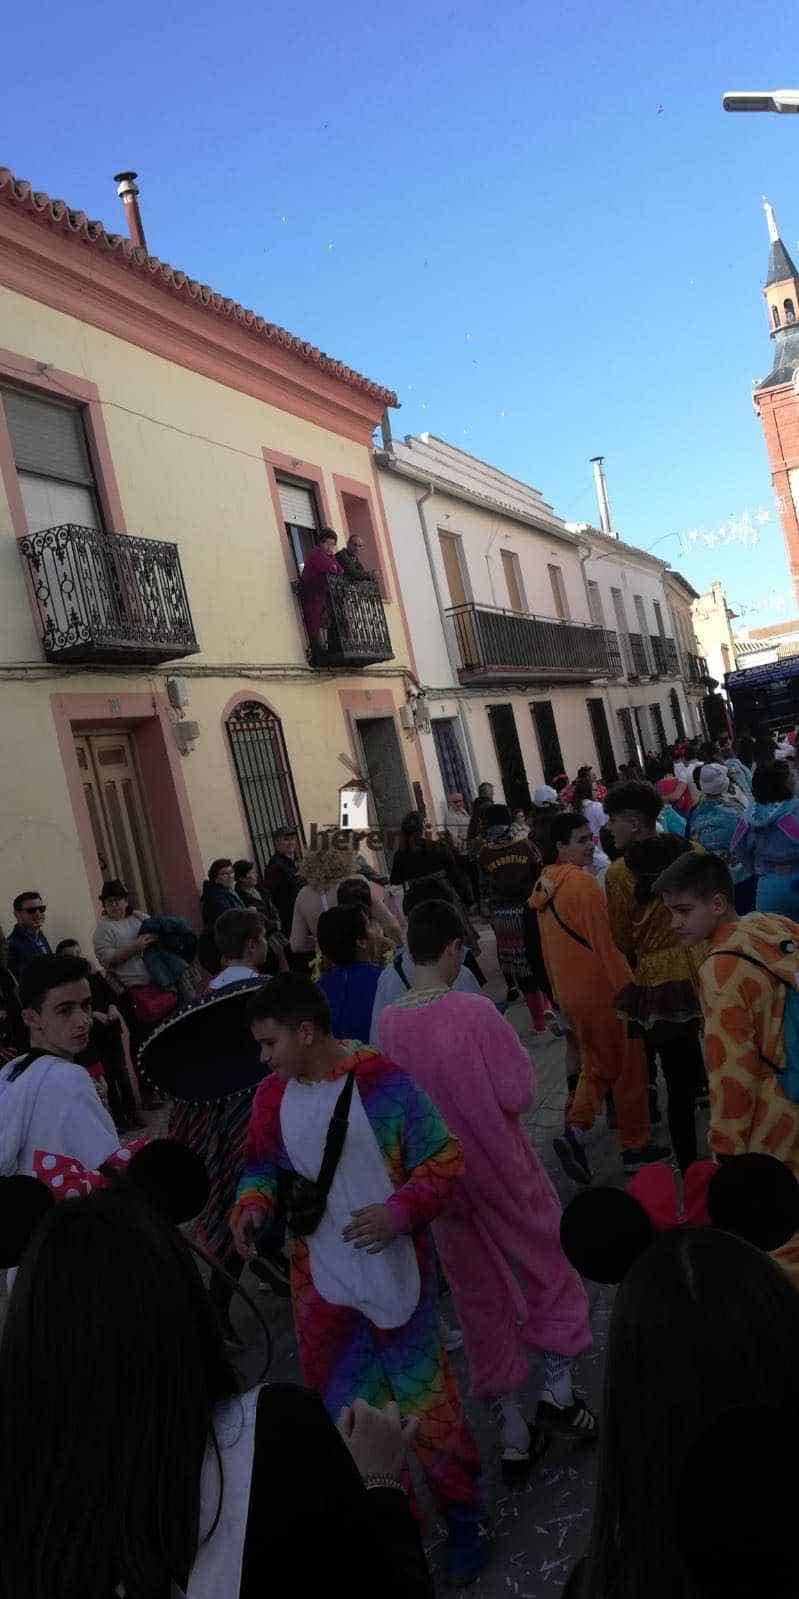 Carnaval herencia 2020 pasacalles domingo deseosas 16 - El Domingo de las Deseosas invita a todo el mundo al Carnaval de Herencia